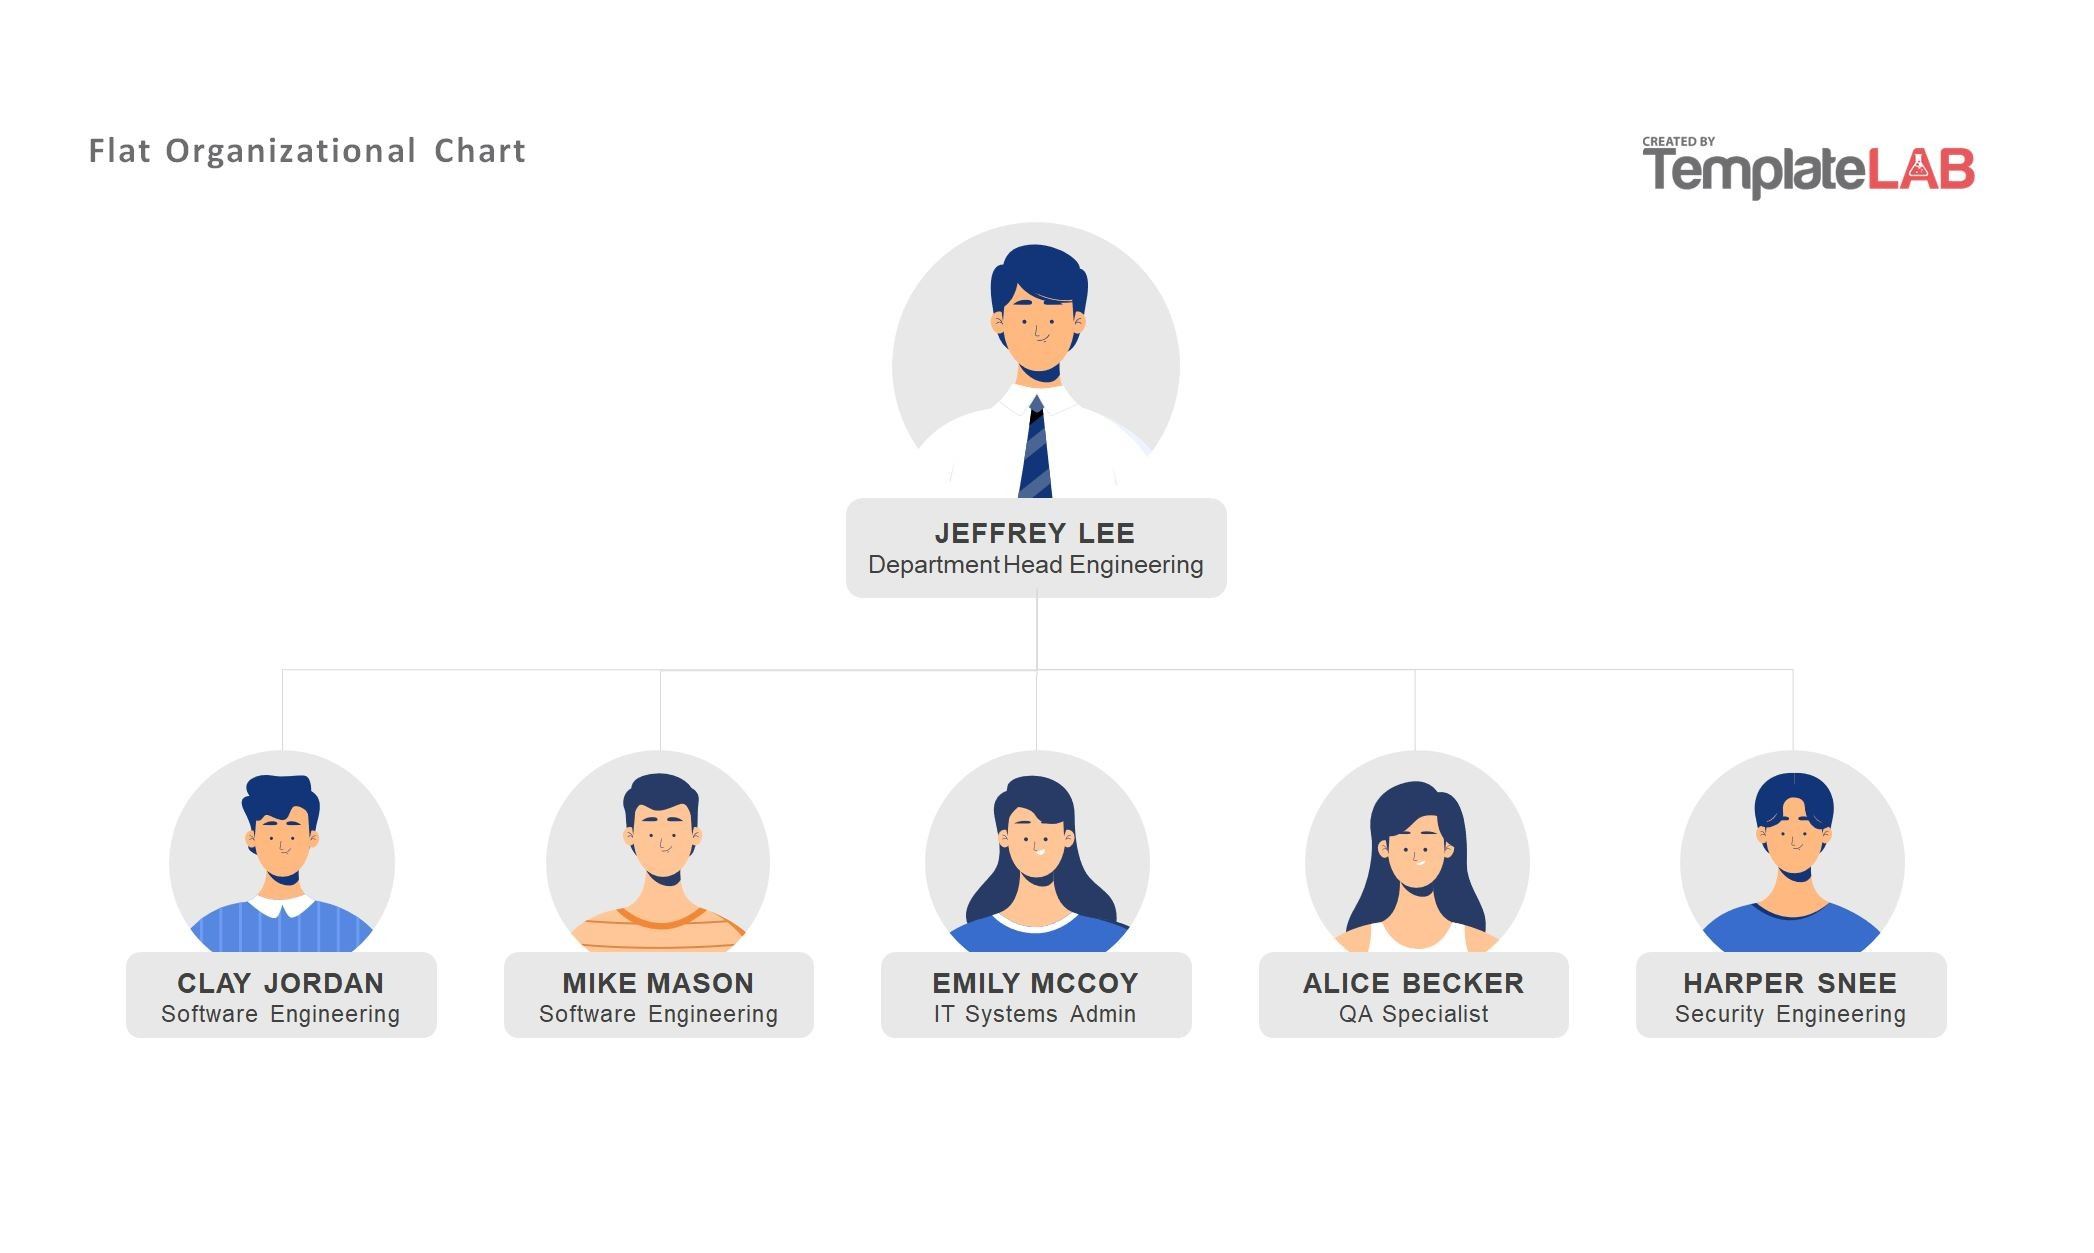 Free Flat Organizational Chart Template